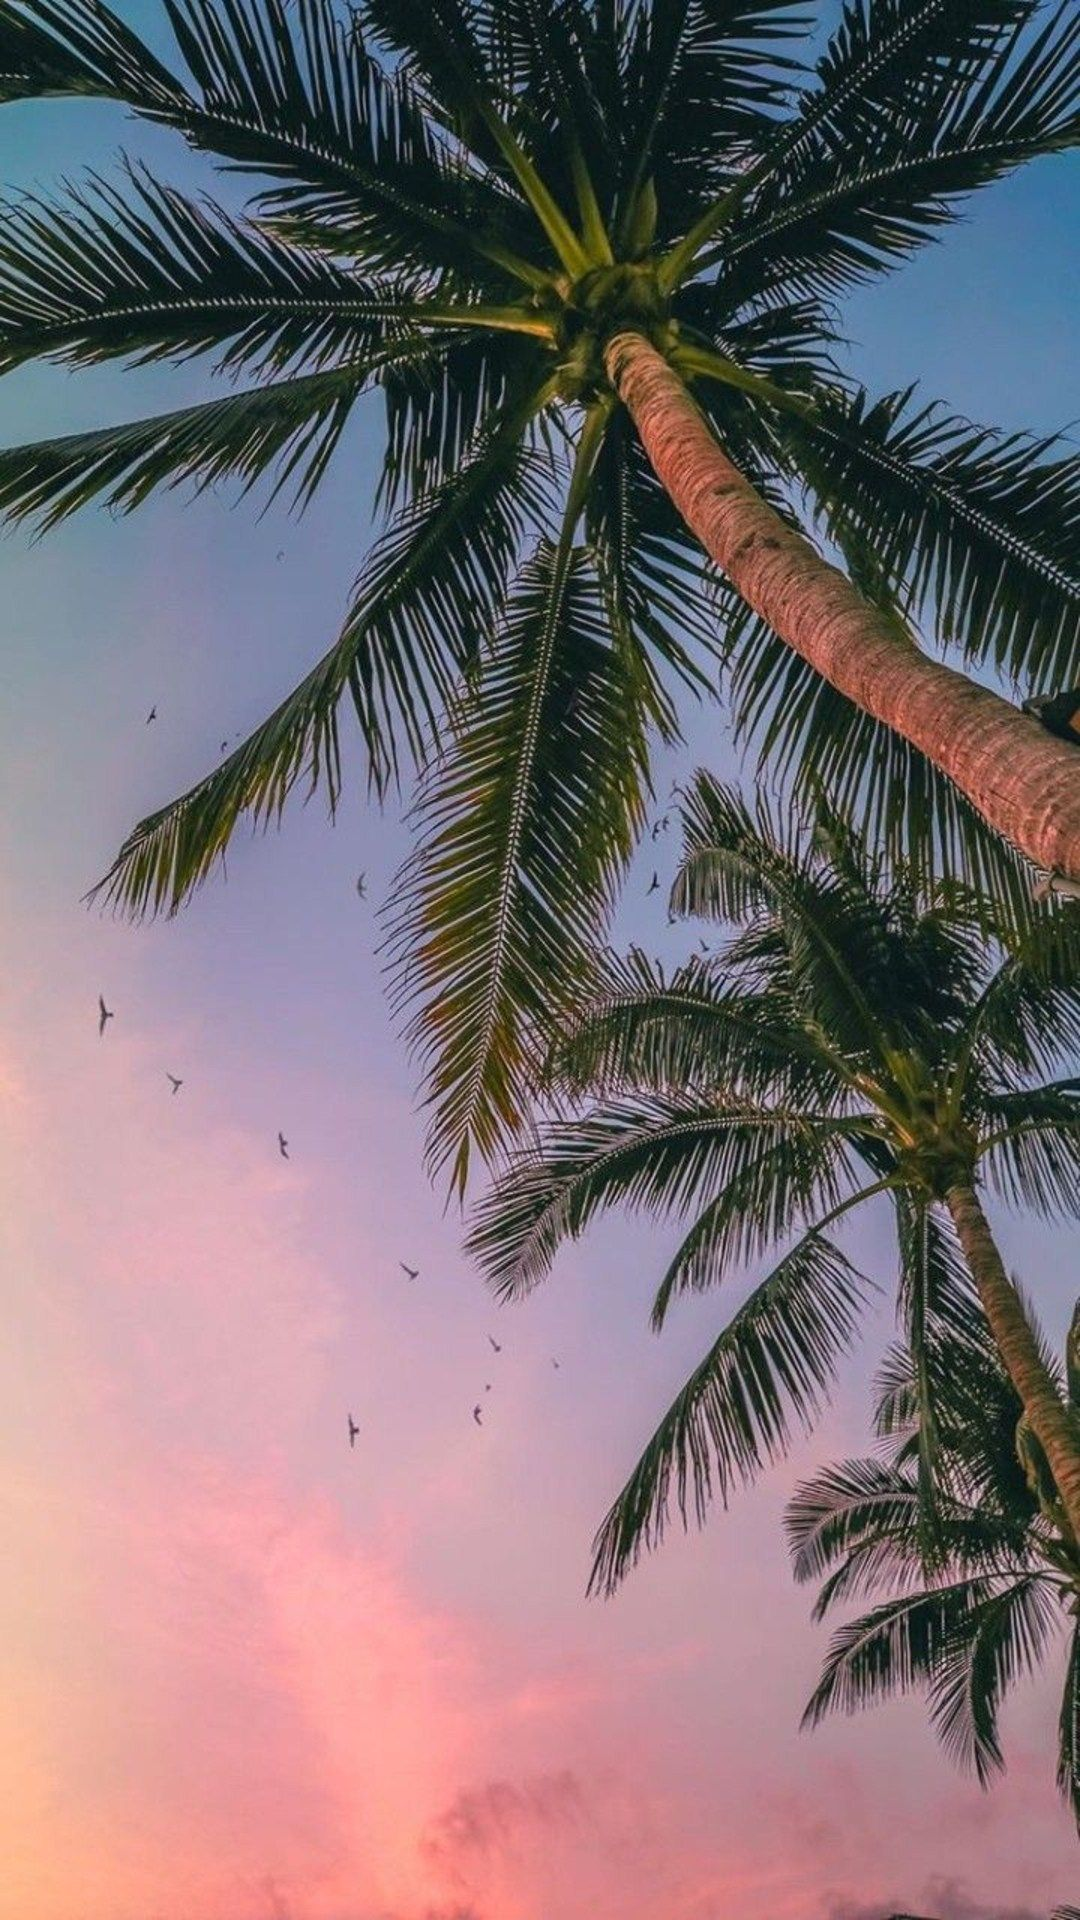 Tree Sky Palm Tree Elaeis Arecales Coconut Palm Trees Wallpaper Summer Wallpaper Tree Wallpaper Hd wallpaper summerpalm tree sky sun